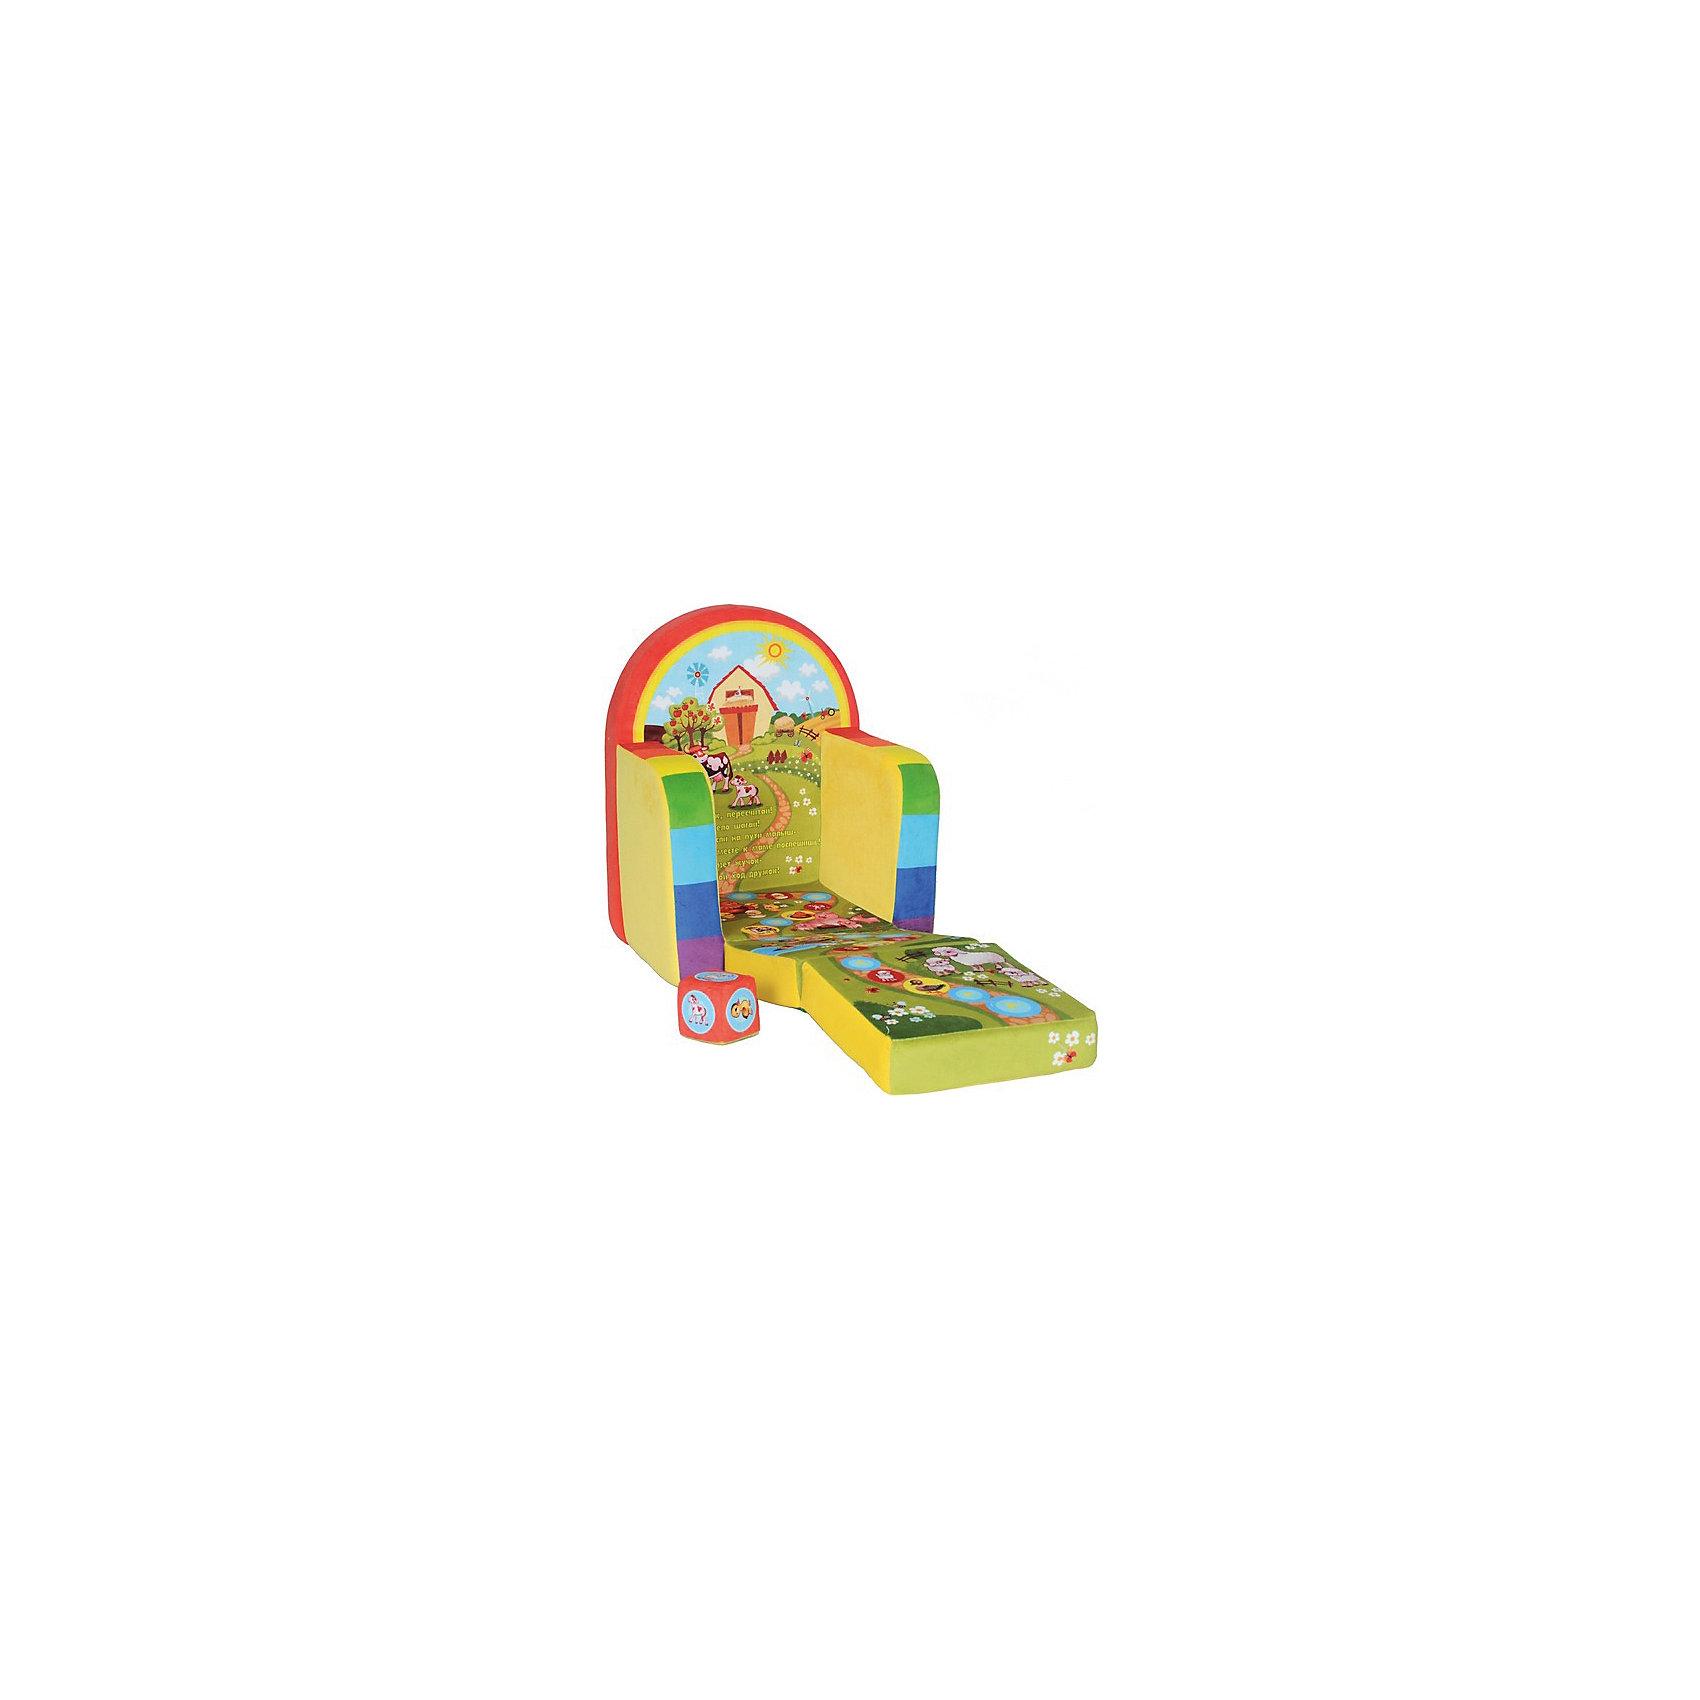 Развивающее кресло Ферма, СмолТойс